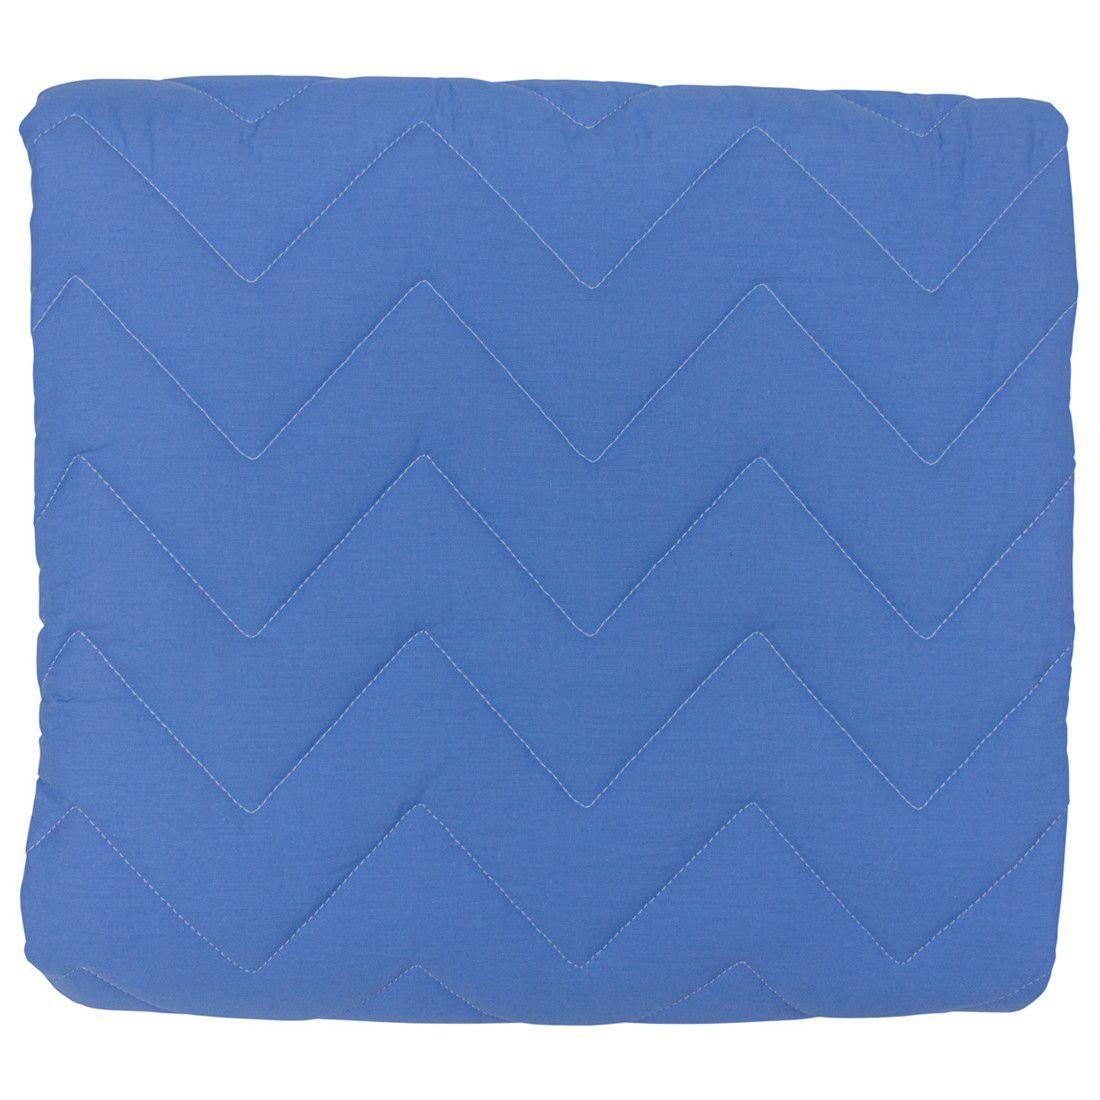 Colcha Com Elástico Percal 200 Fios Chevron Azul Real